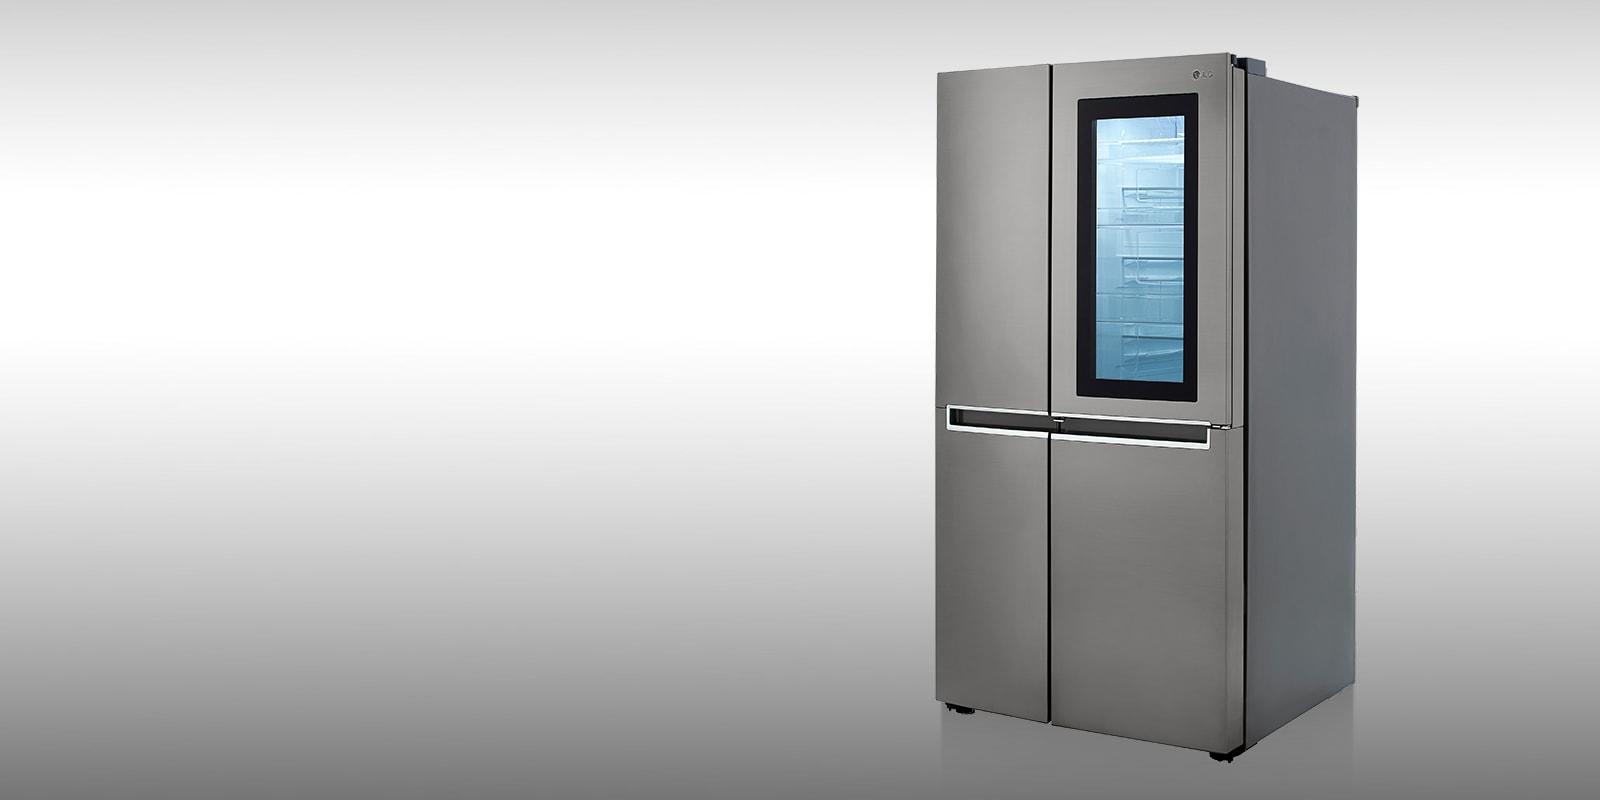 LG LRSES2706V refrigerator showcasing InstaView Door-in-Door feature